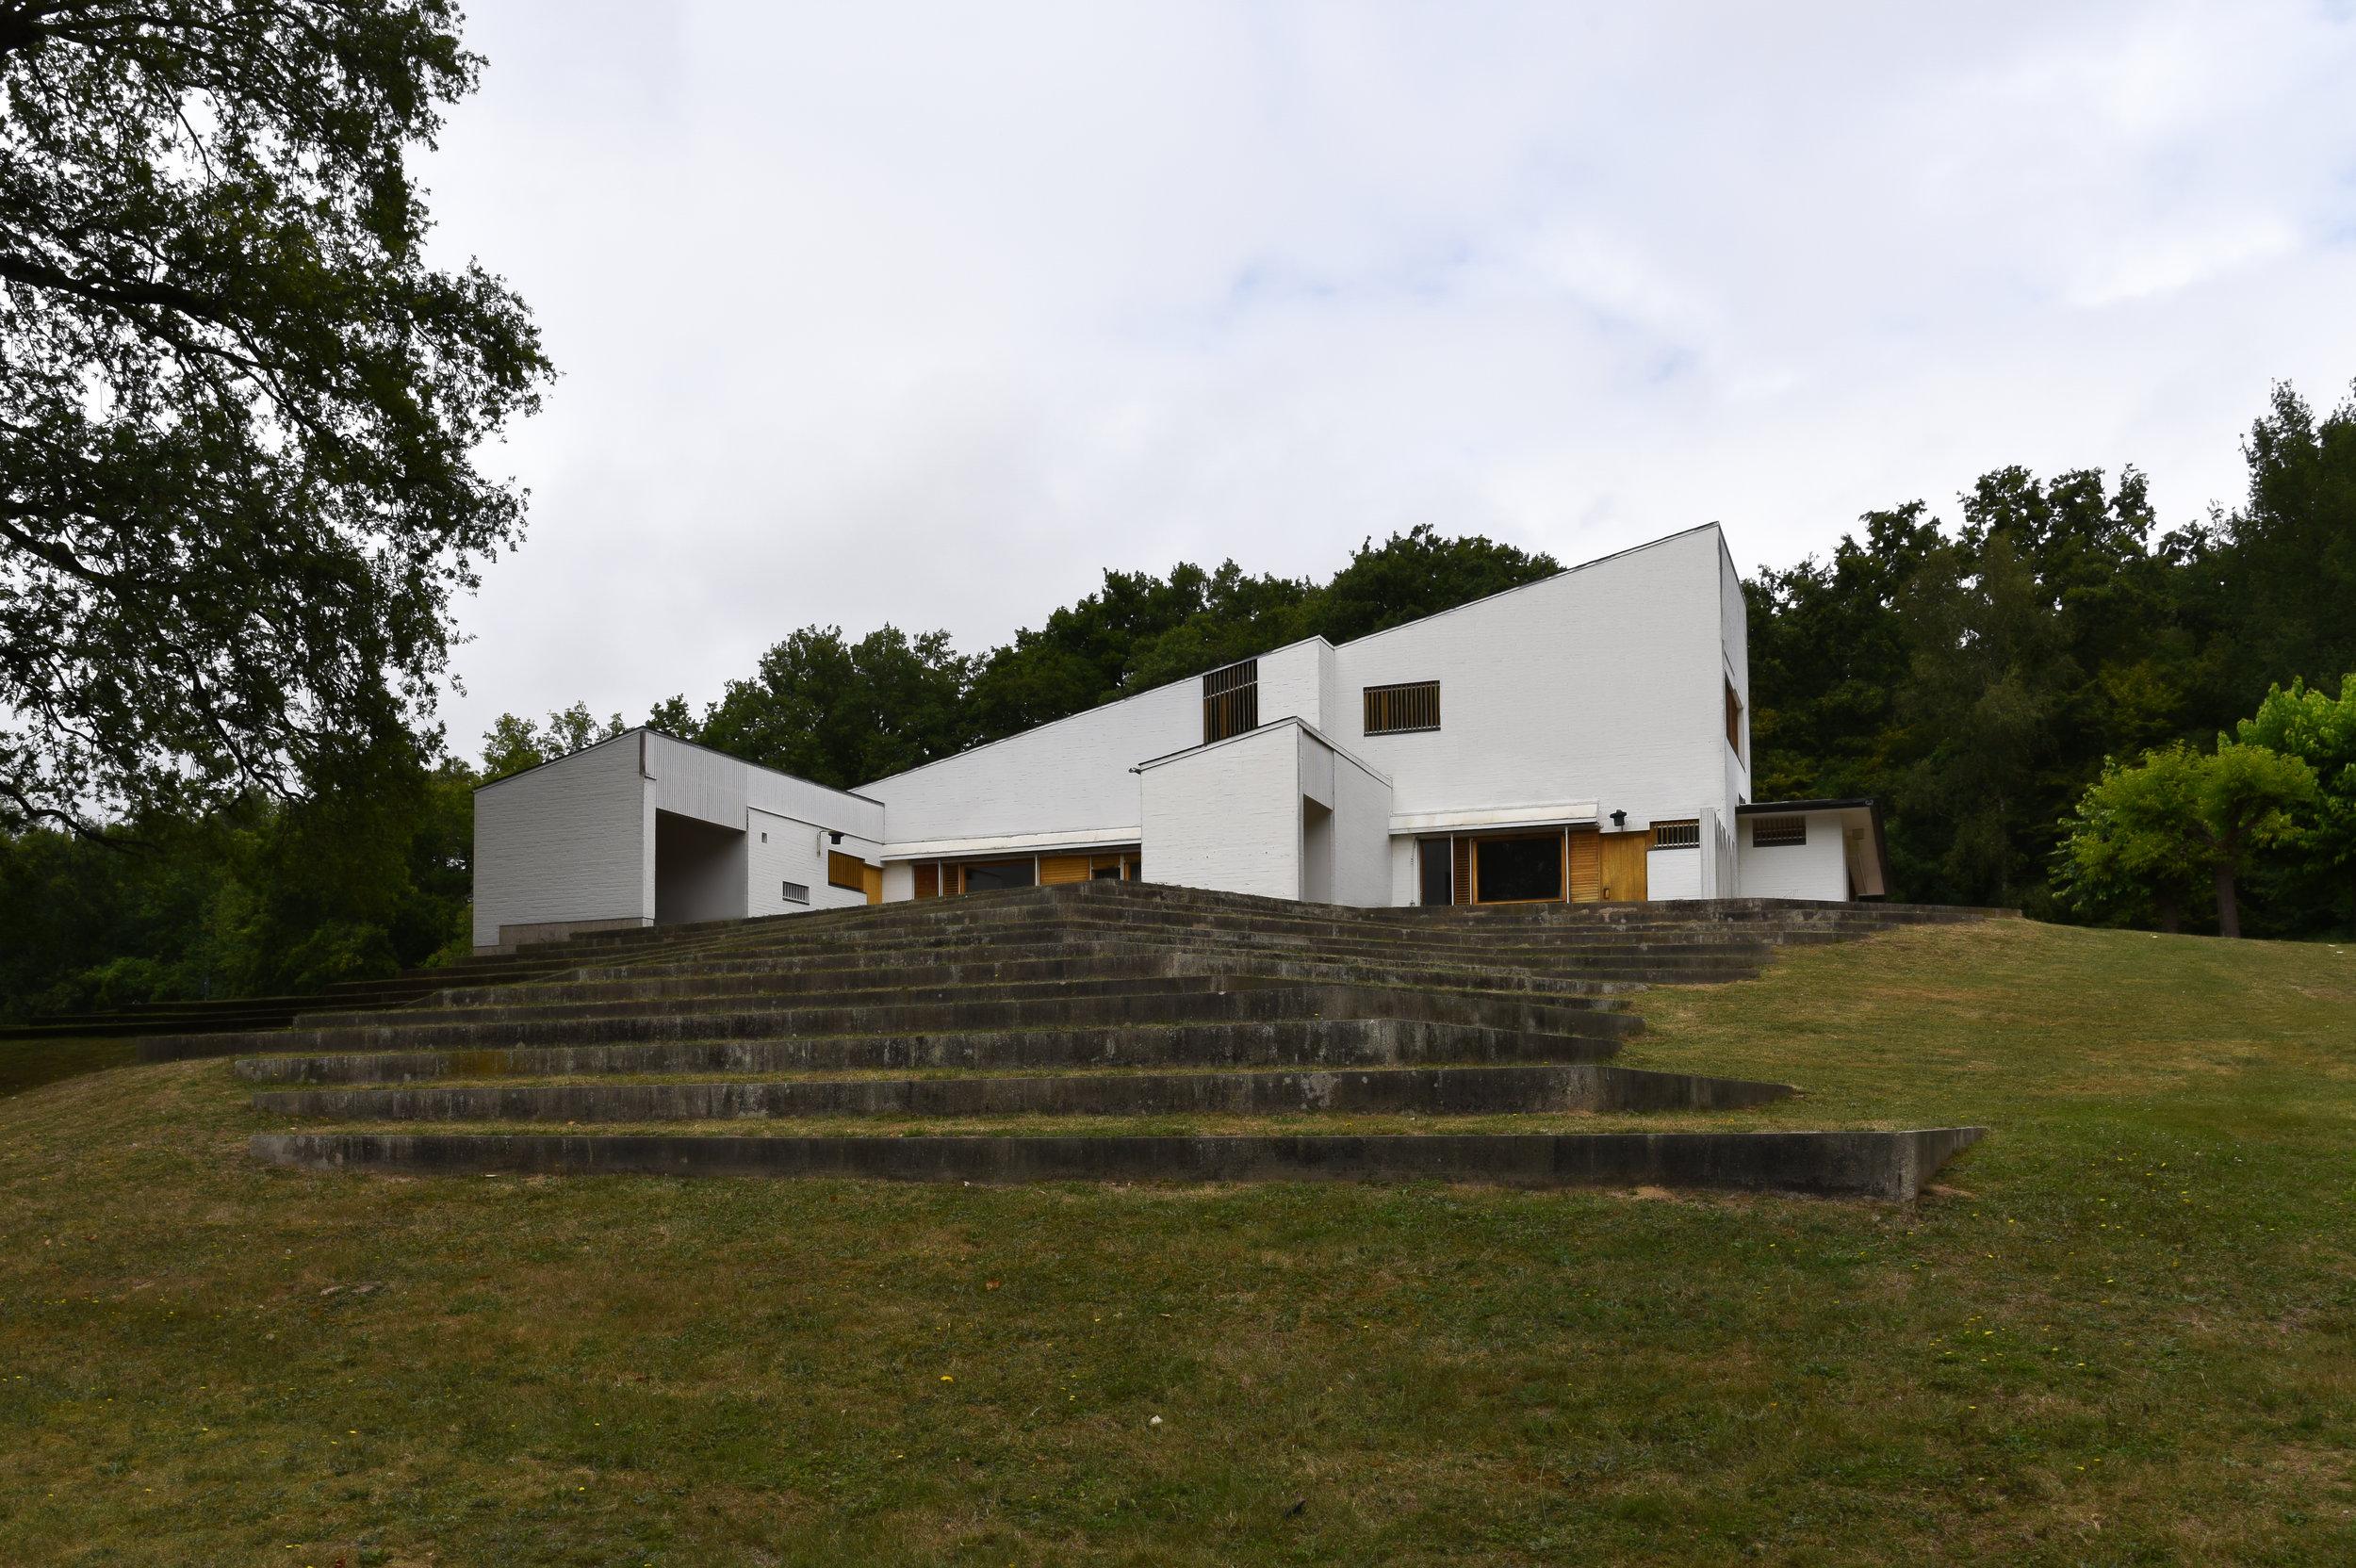 Maison louis carré, Alvar aalto 2017